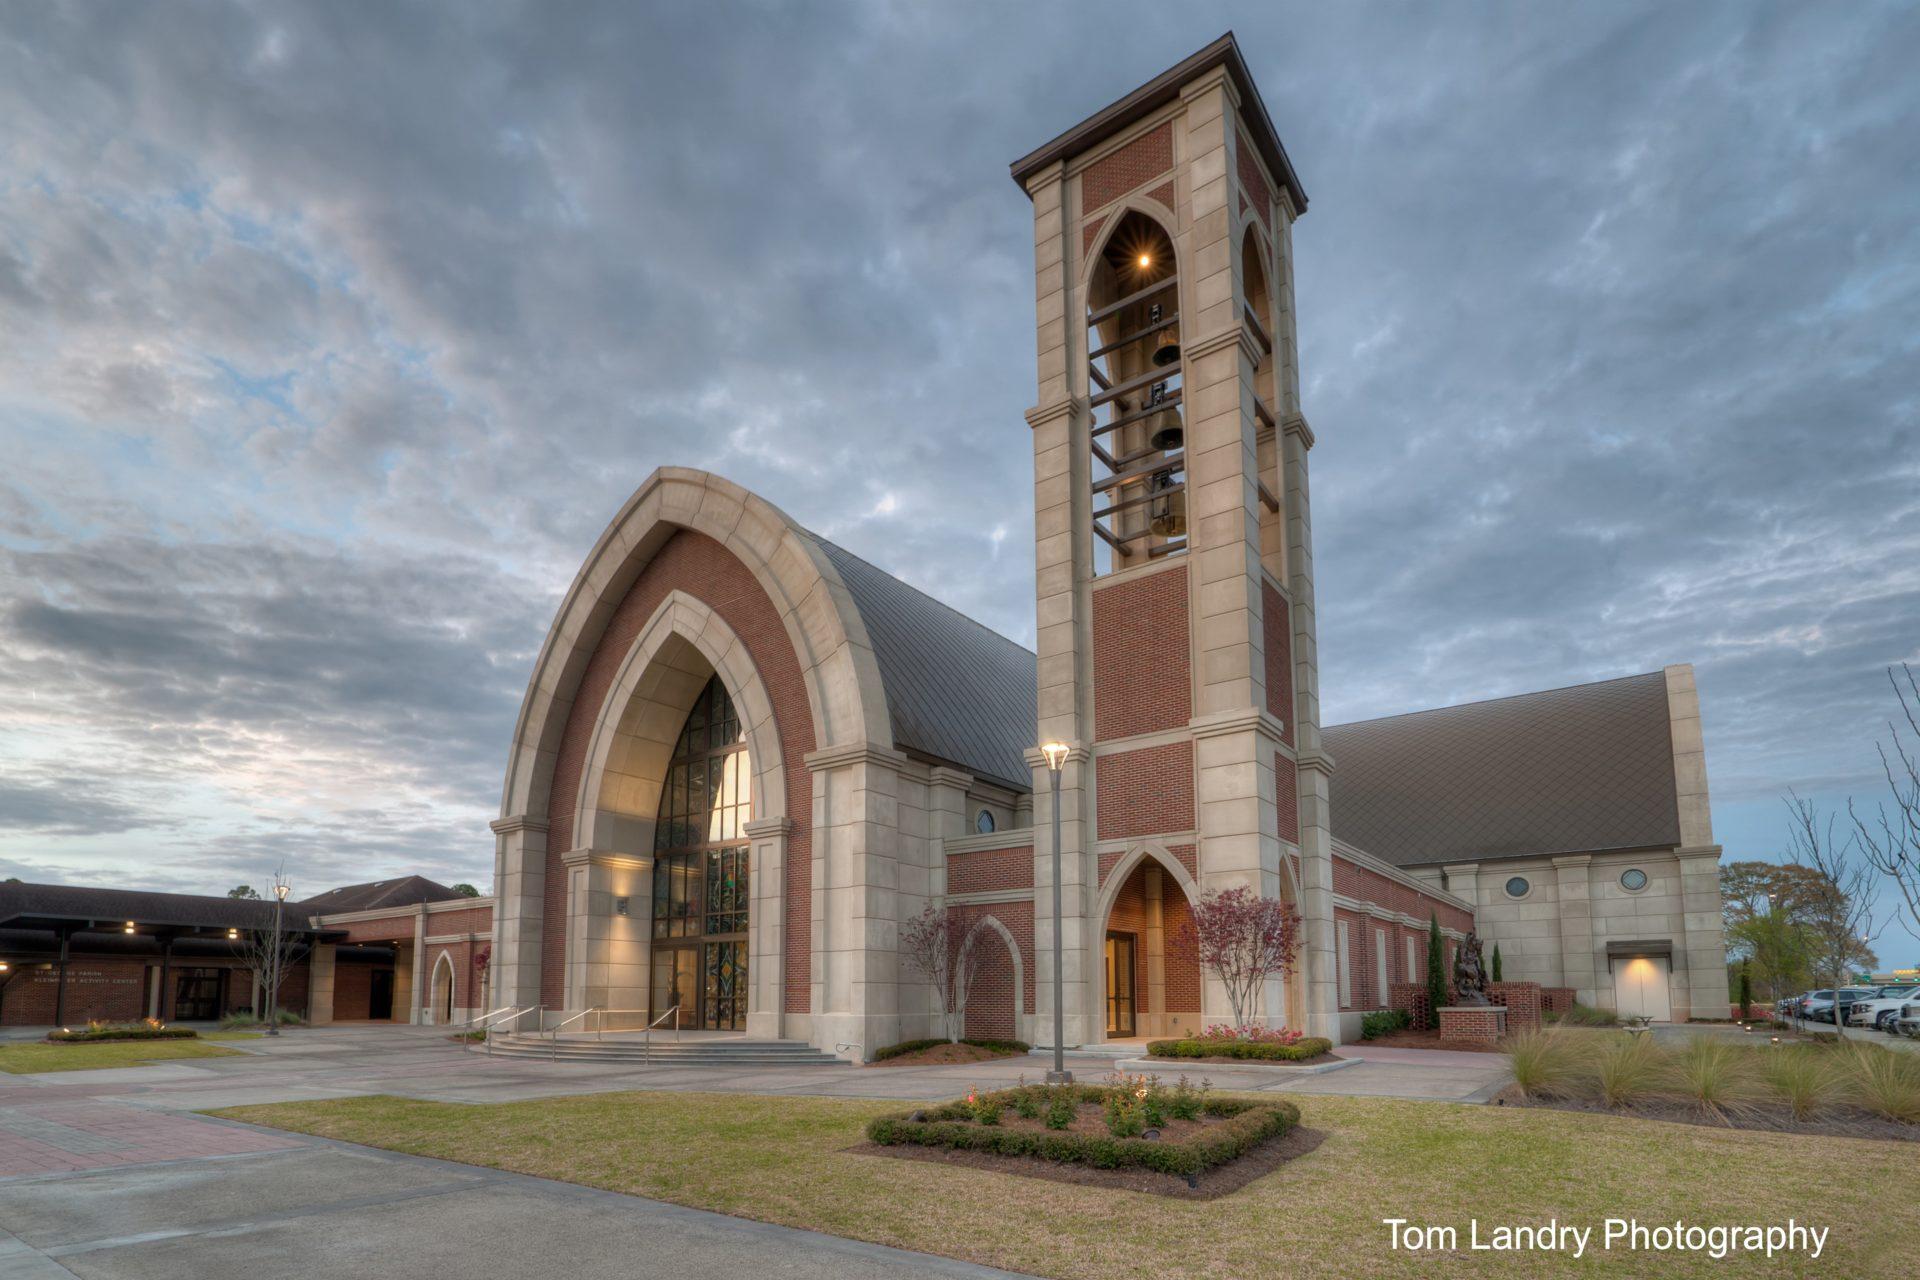 St. George Catholic Church, Baton Rouge, LA – Best Religious